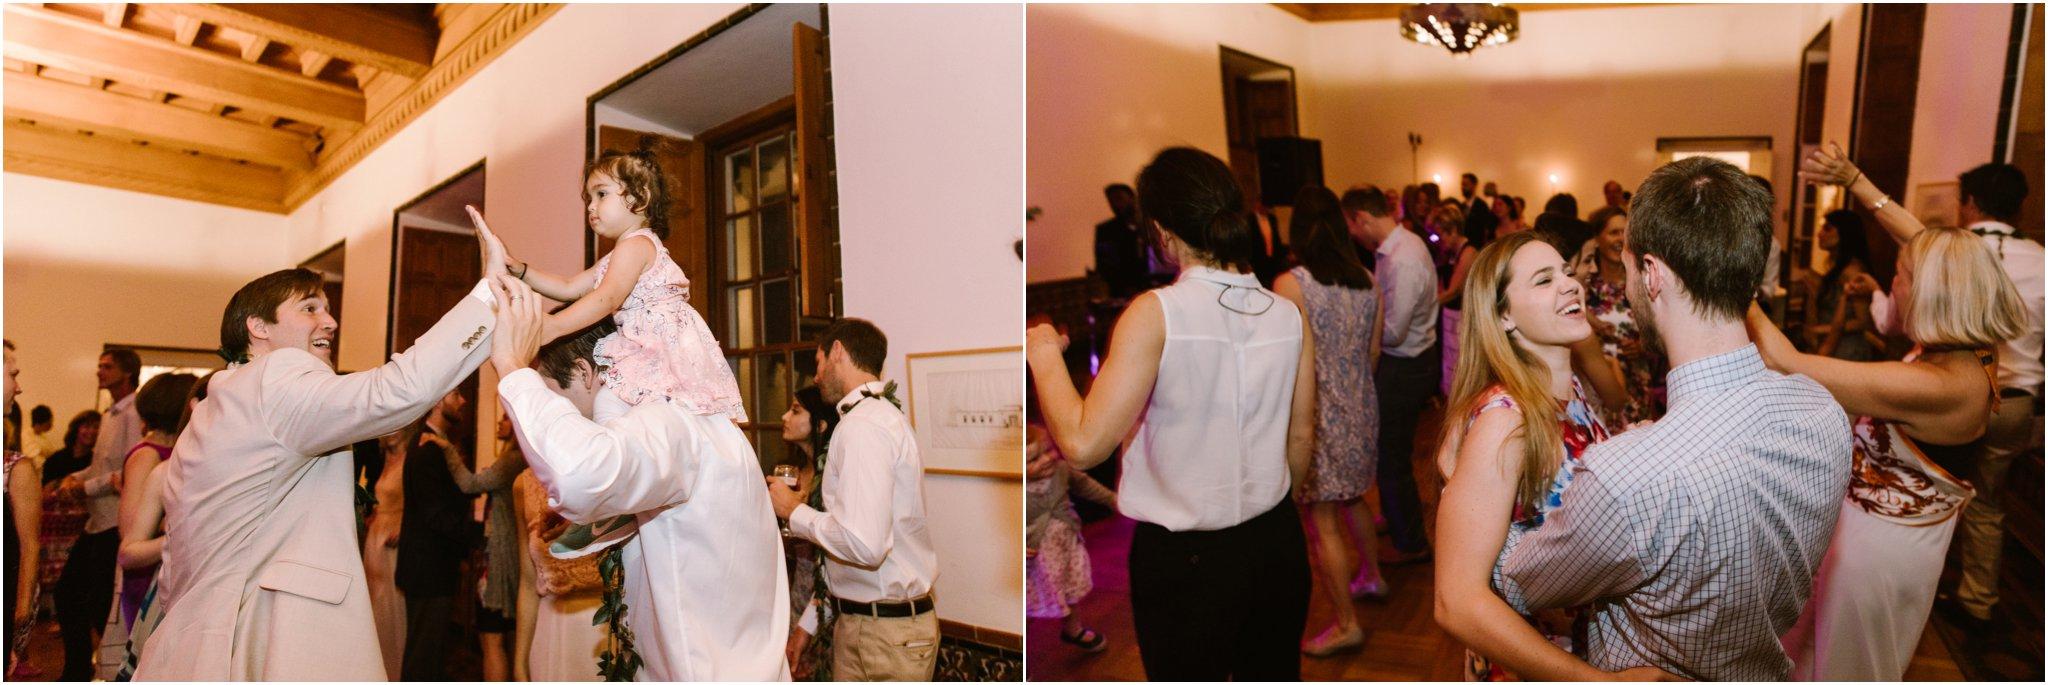 0304Los Poblanos Weddings Blue Rose Photography Studios